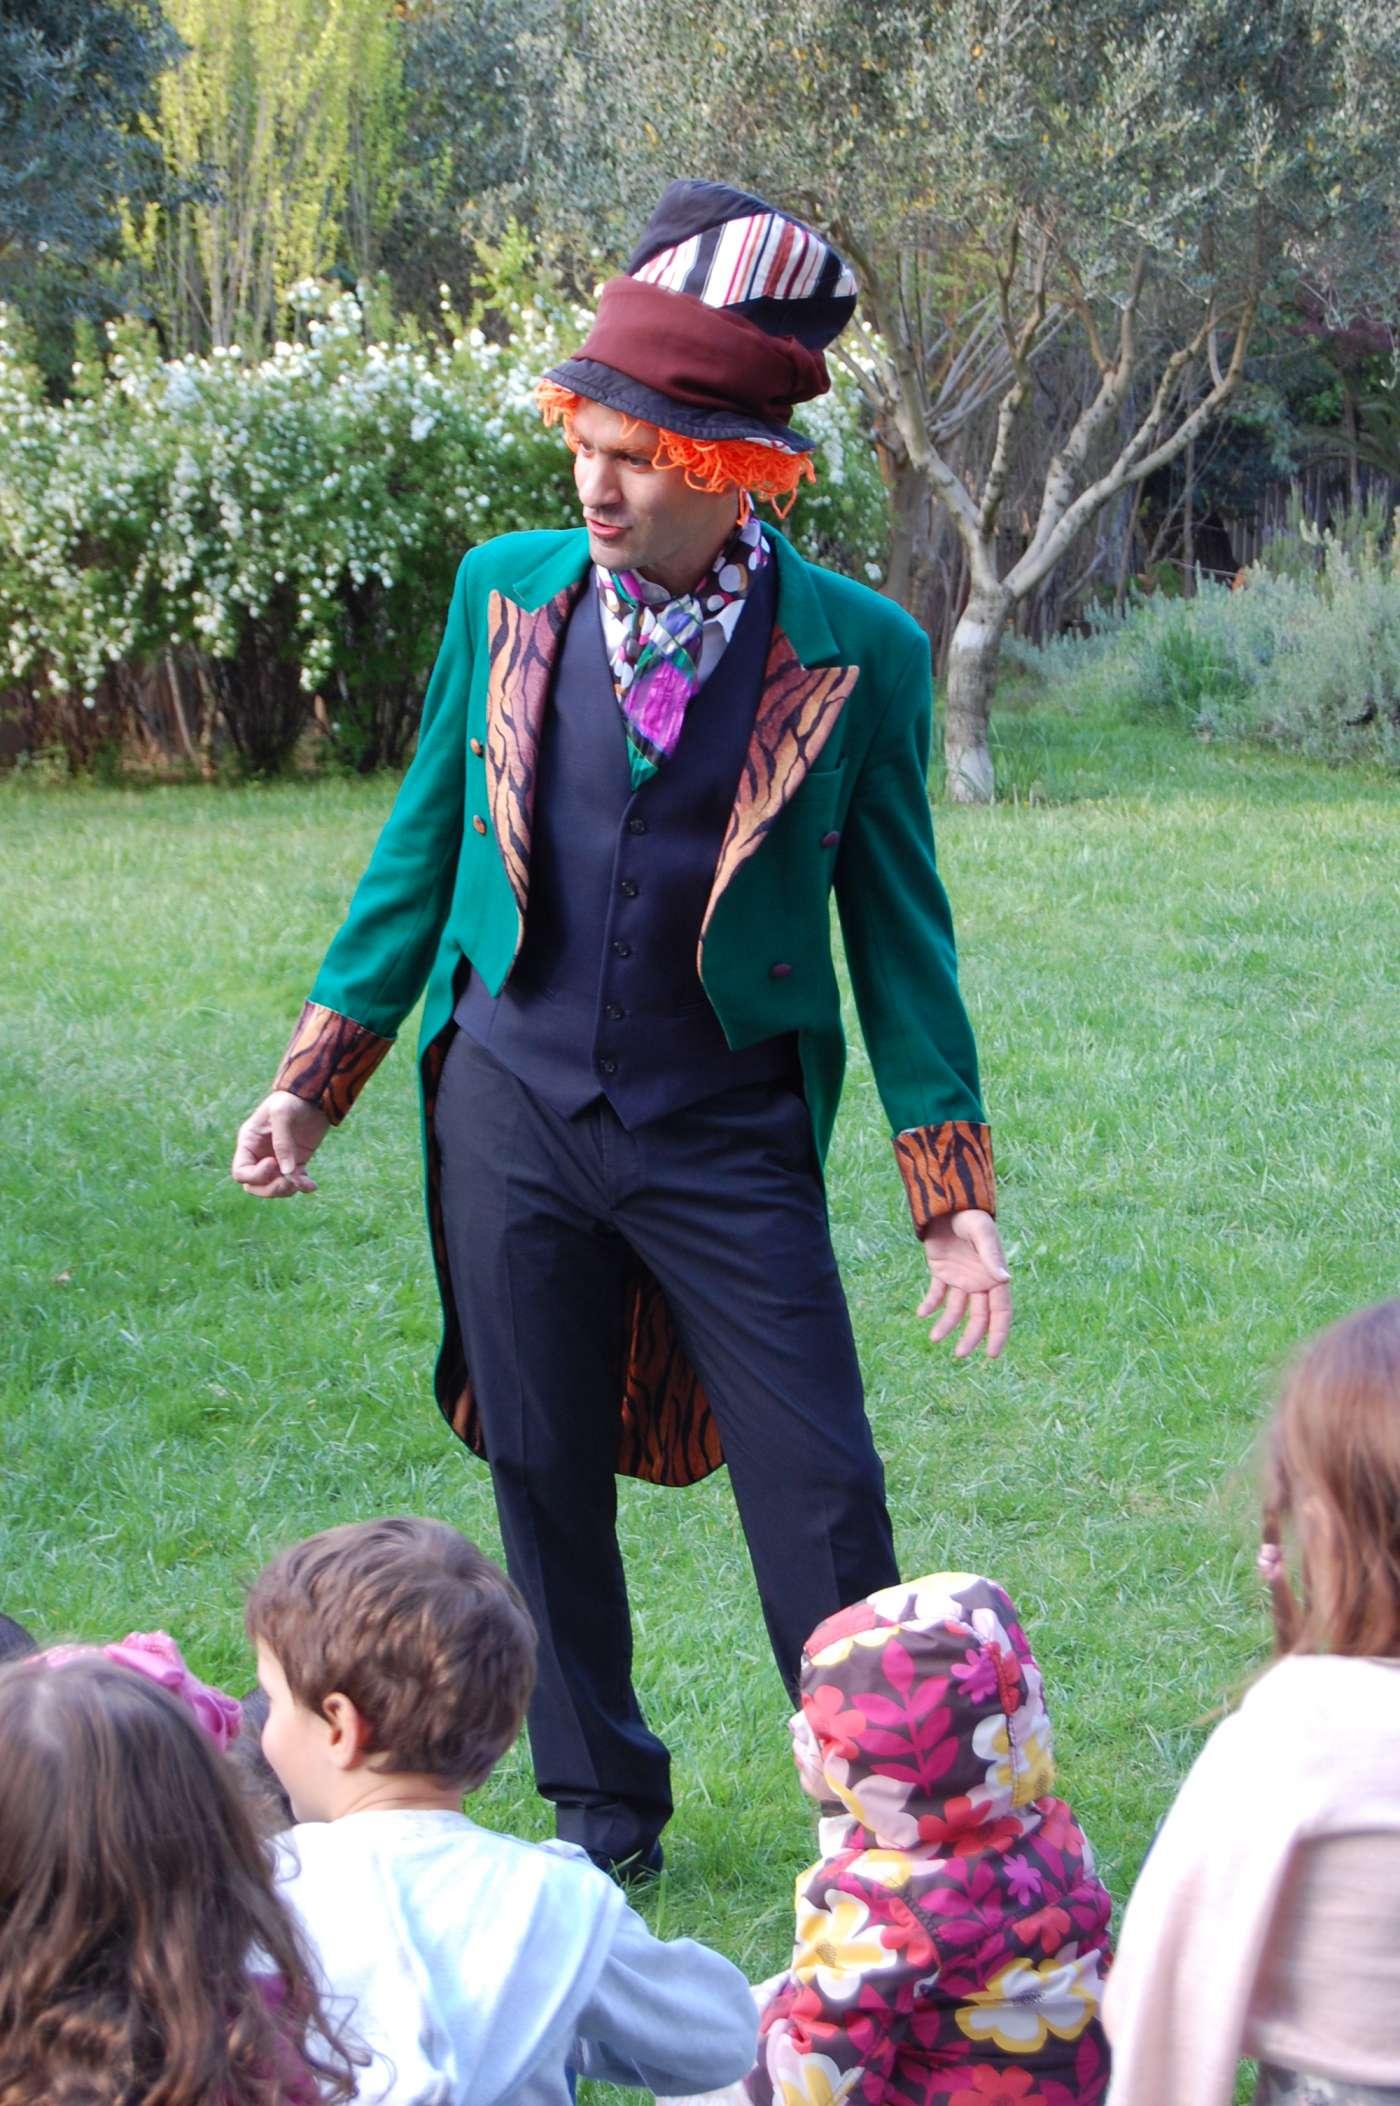 Ανιματέρ Τρελοκαπελάς από την Αλίκη στη Χώρα των Θαυμάτων ψυχαγωγεί παιδιά σε παιδικό πάρτι